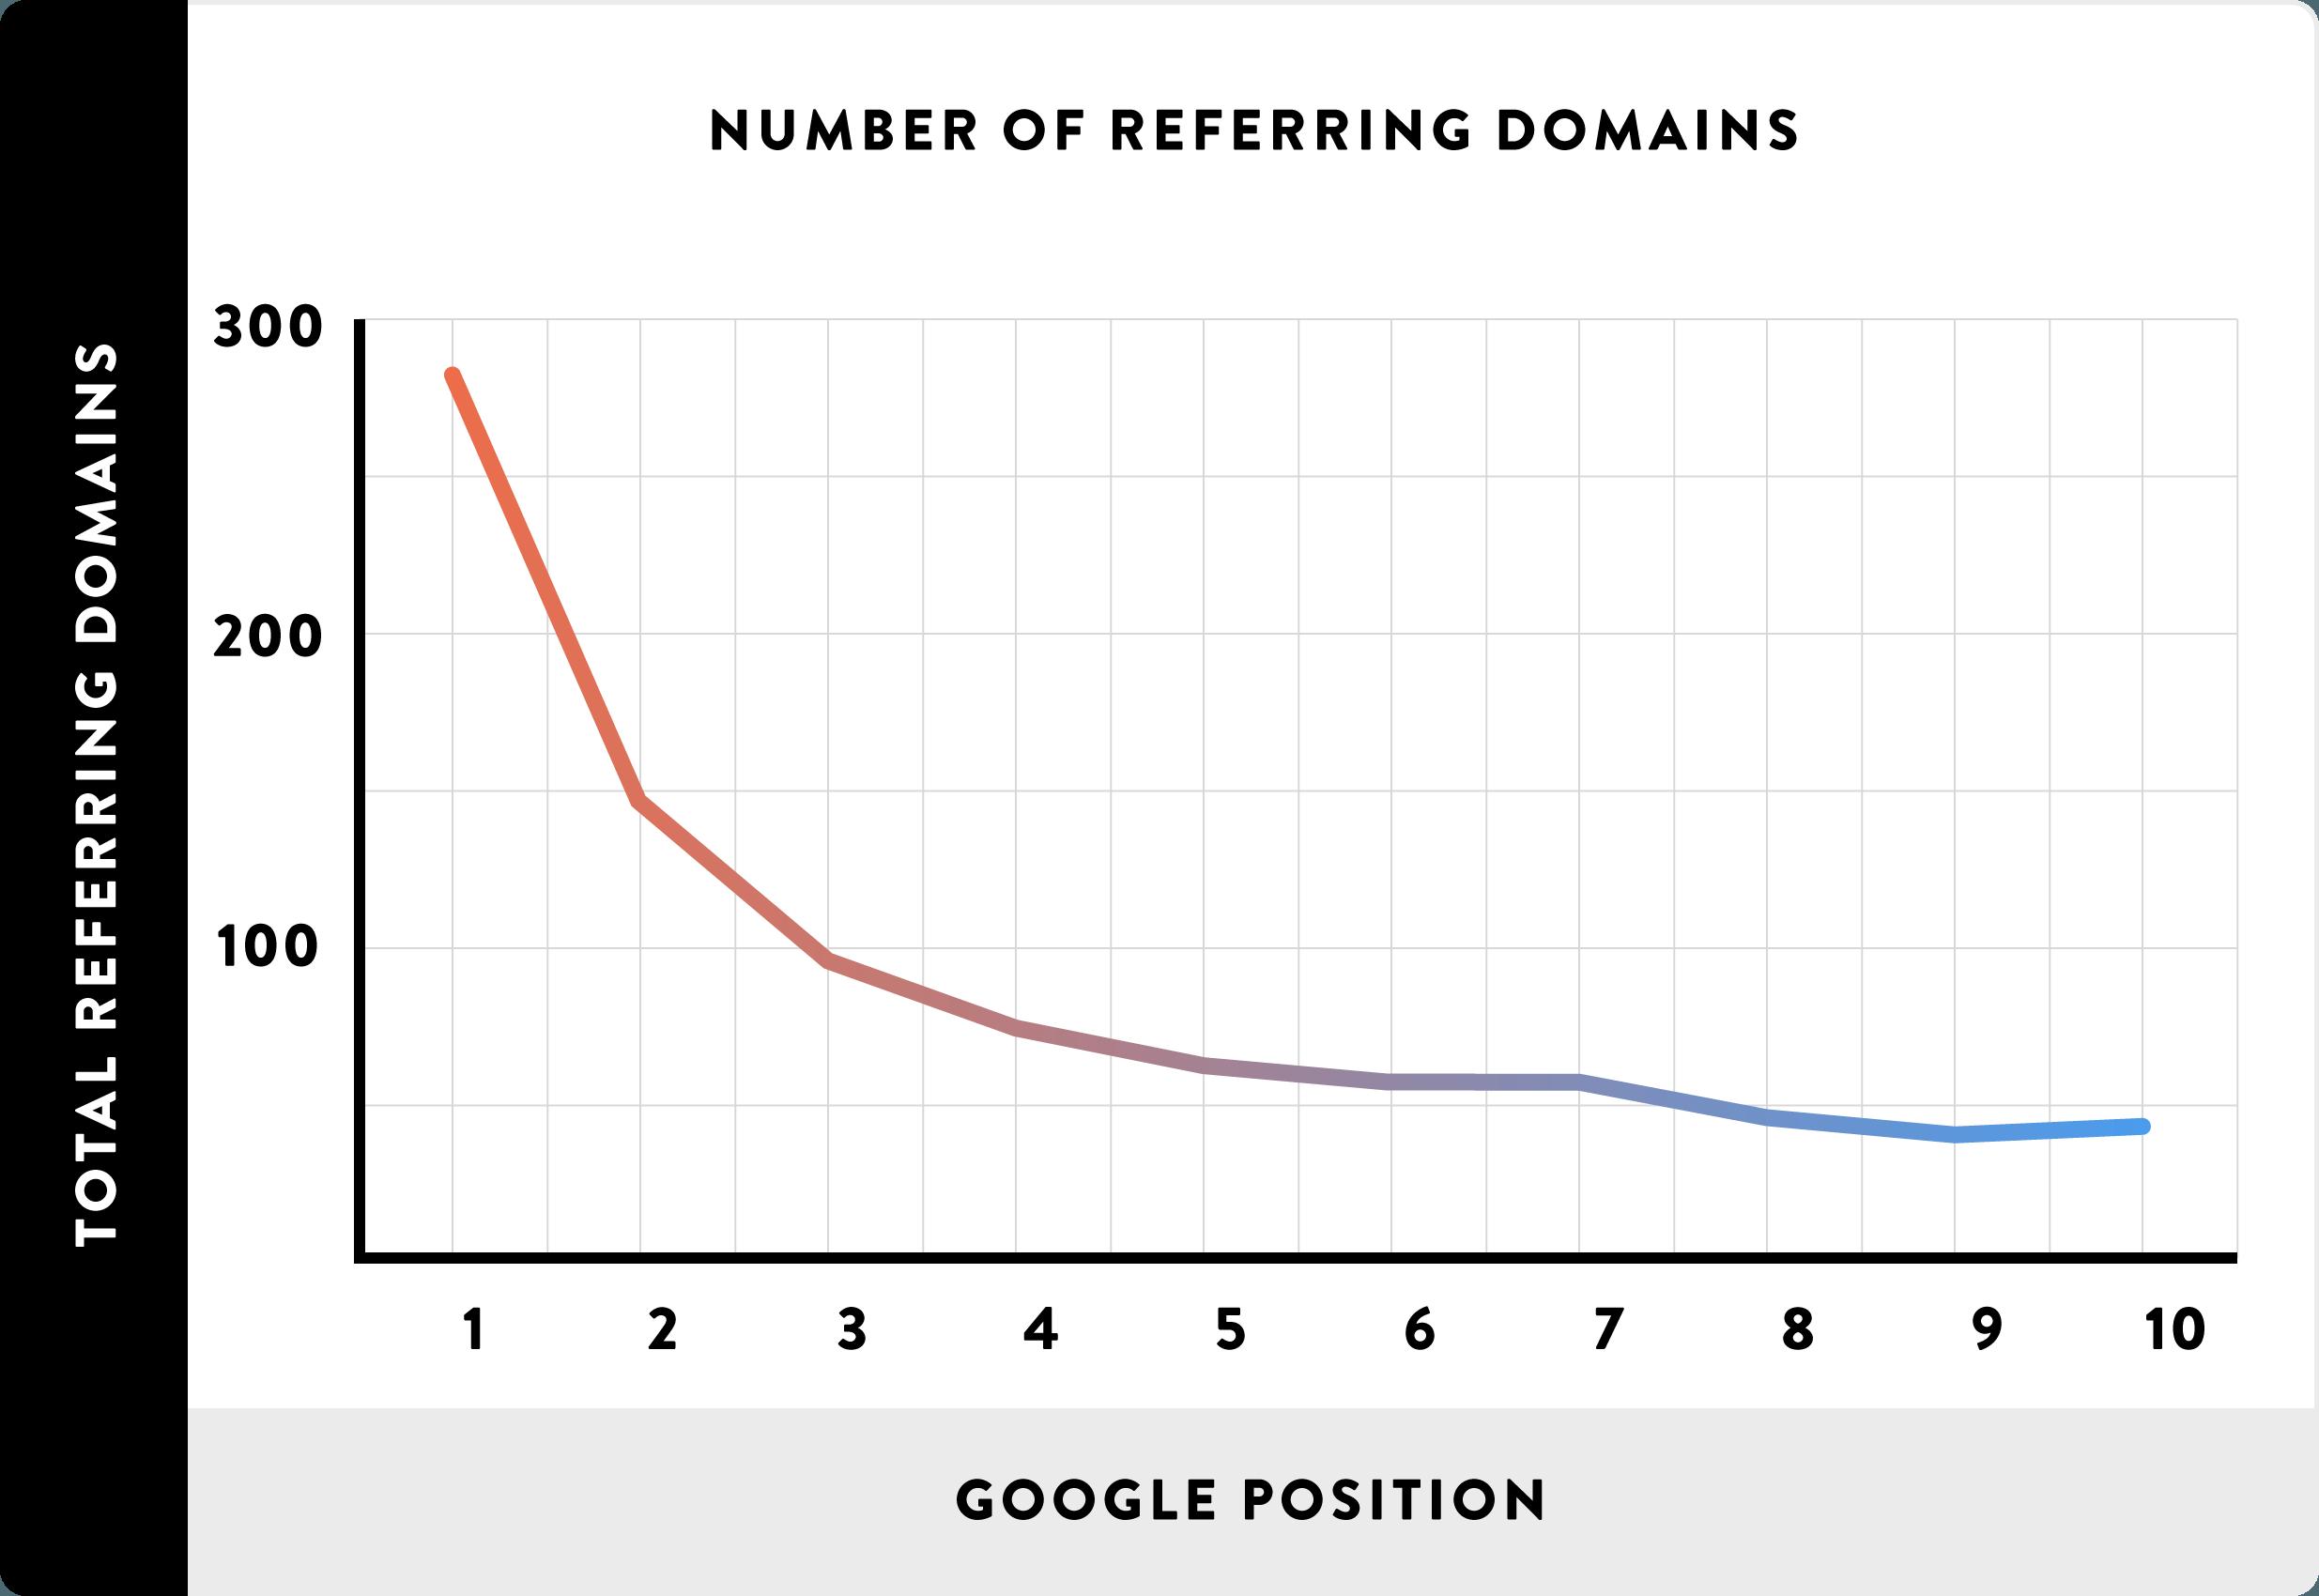 推荐域名数量与Google排名之间的相关性